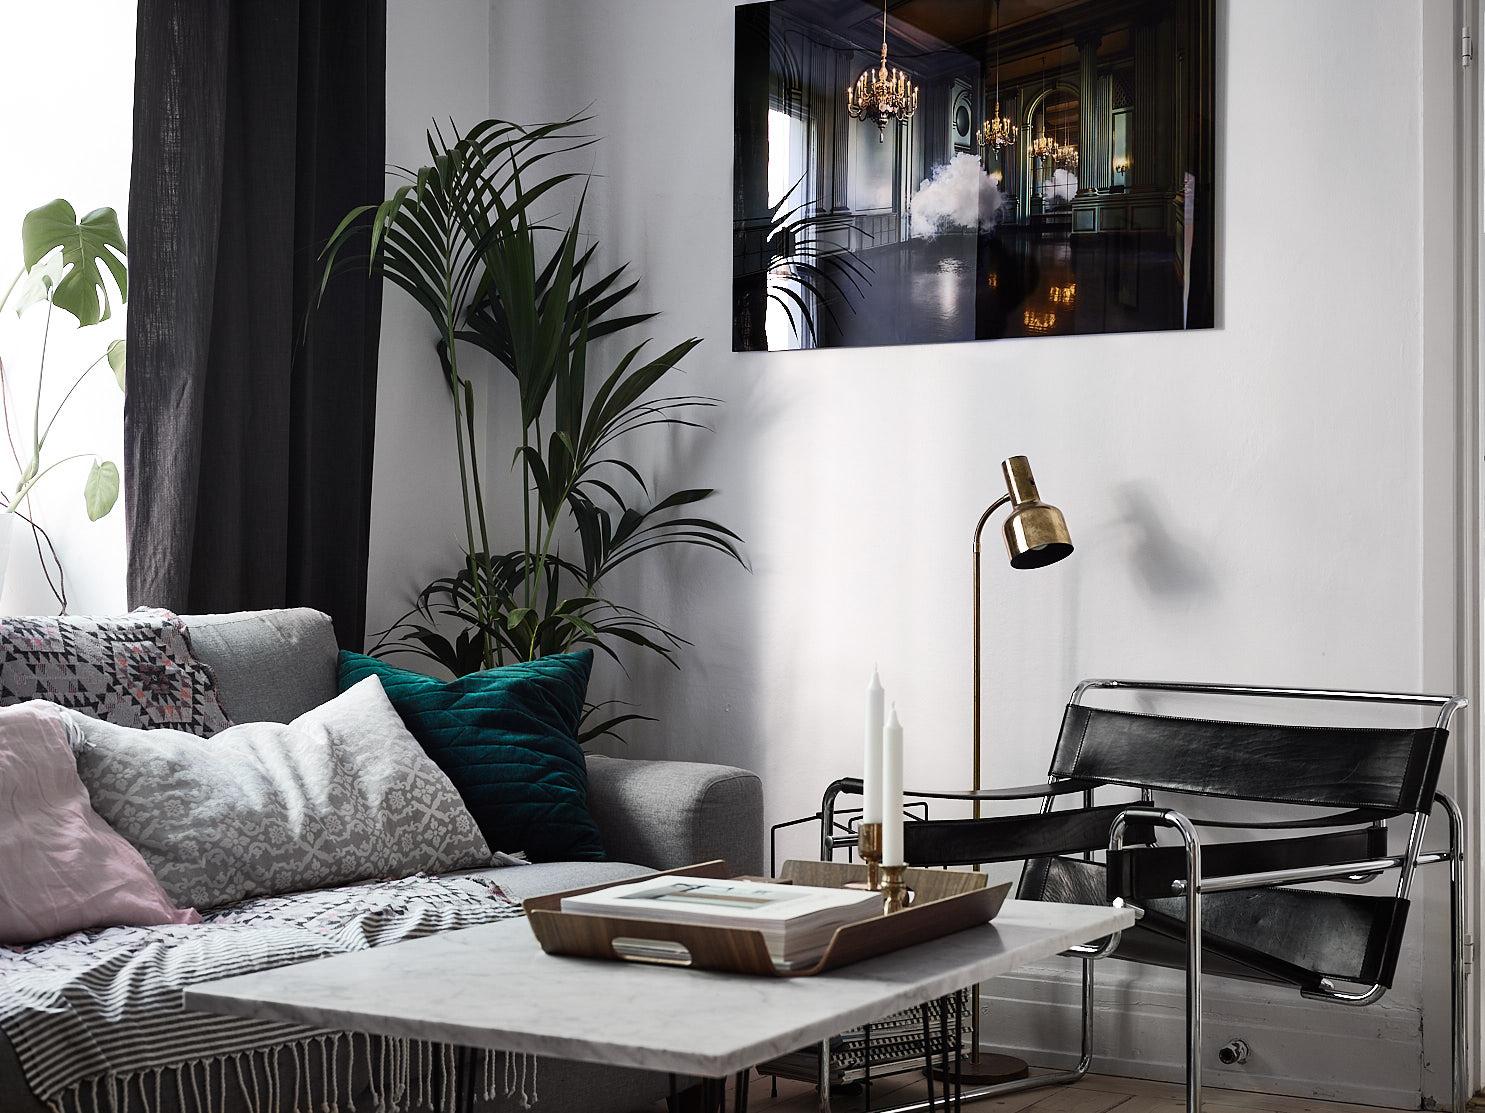 диван подушки столик поднос подсвечник кресло цветок